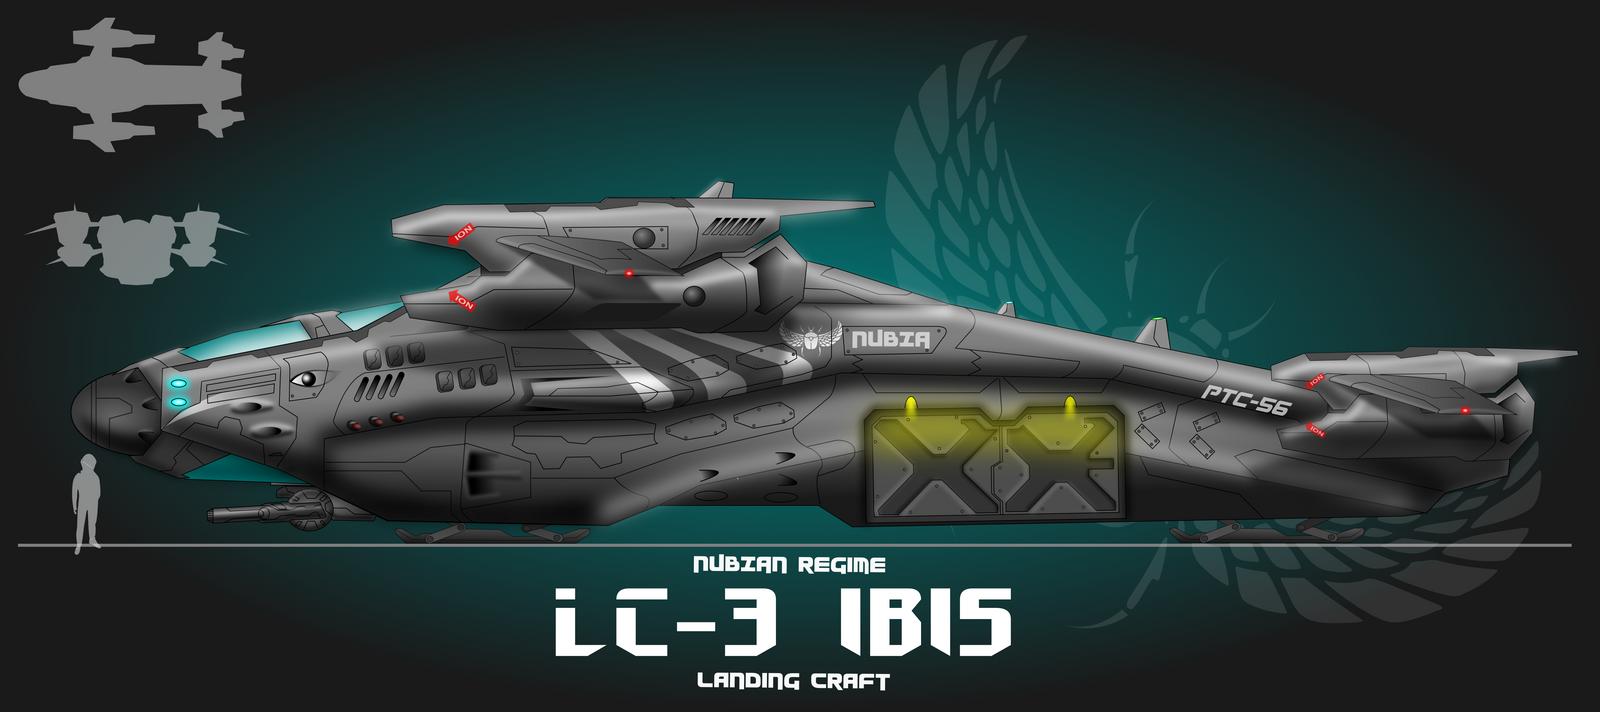 Nubian Ibis Landing Craft Gunship By Capriceklasik On